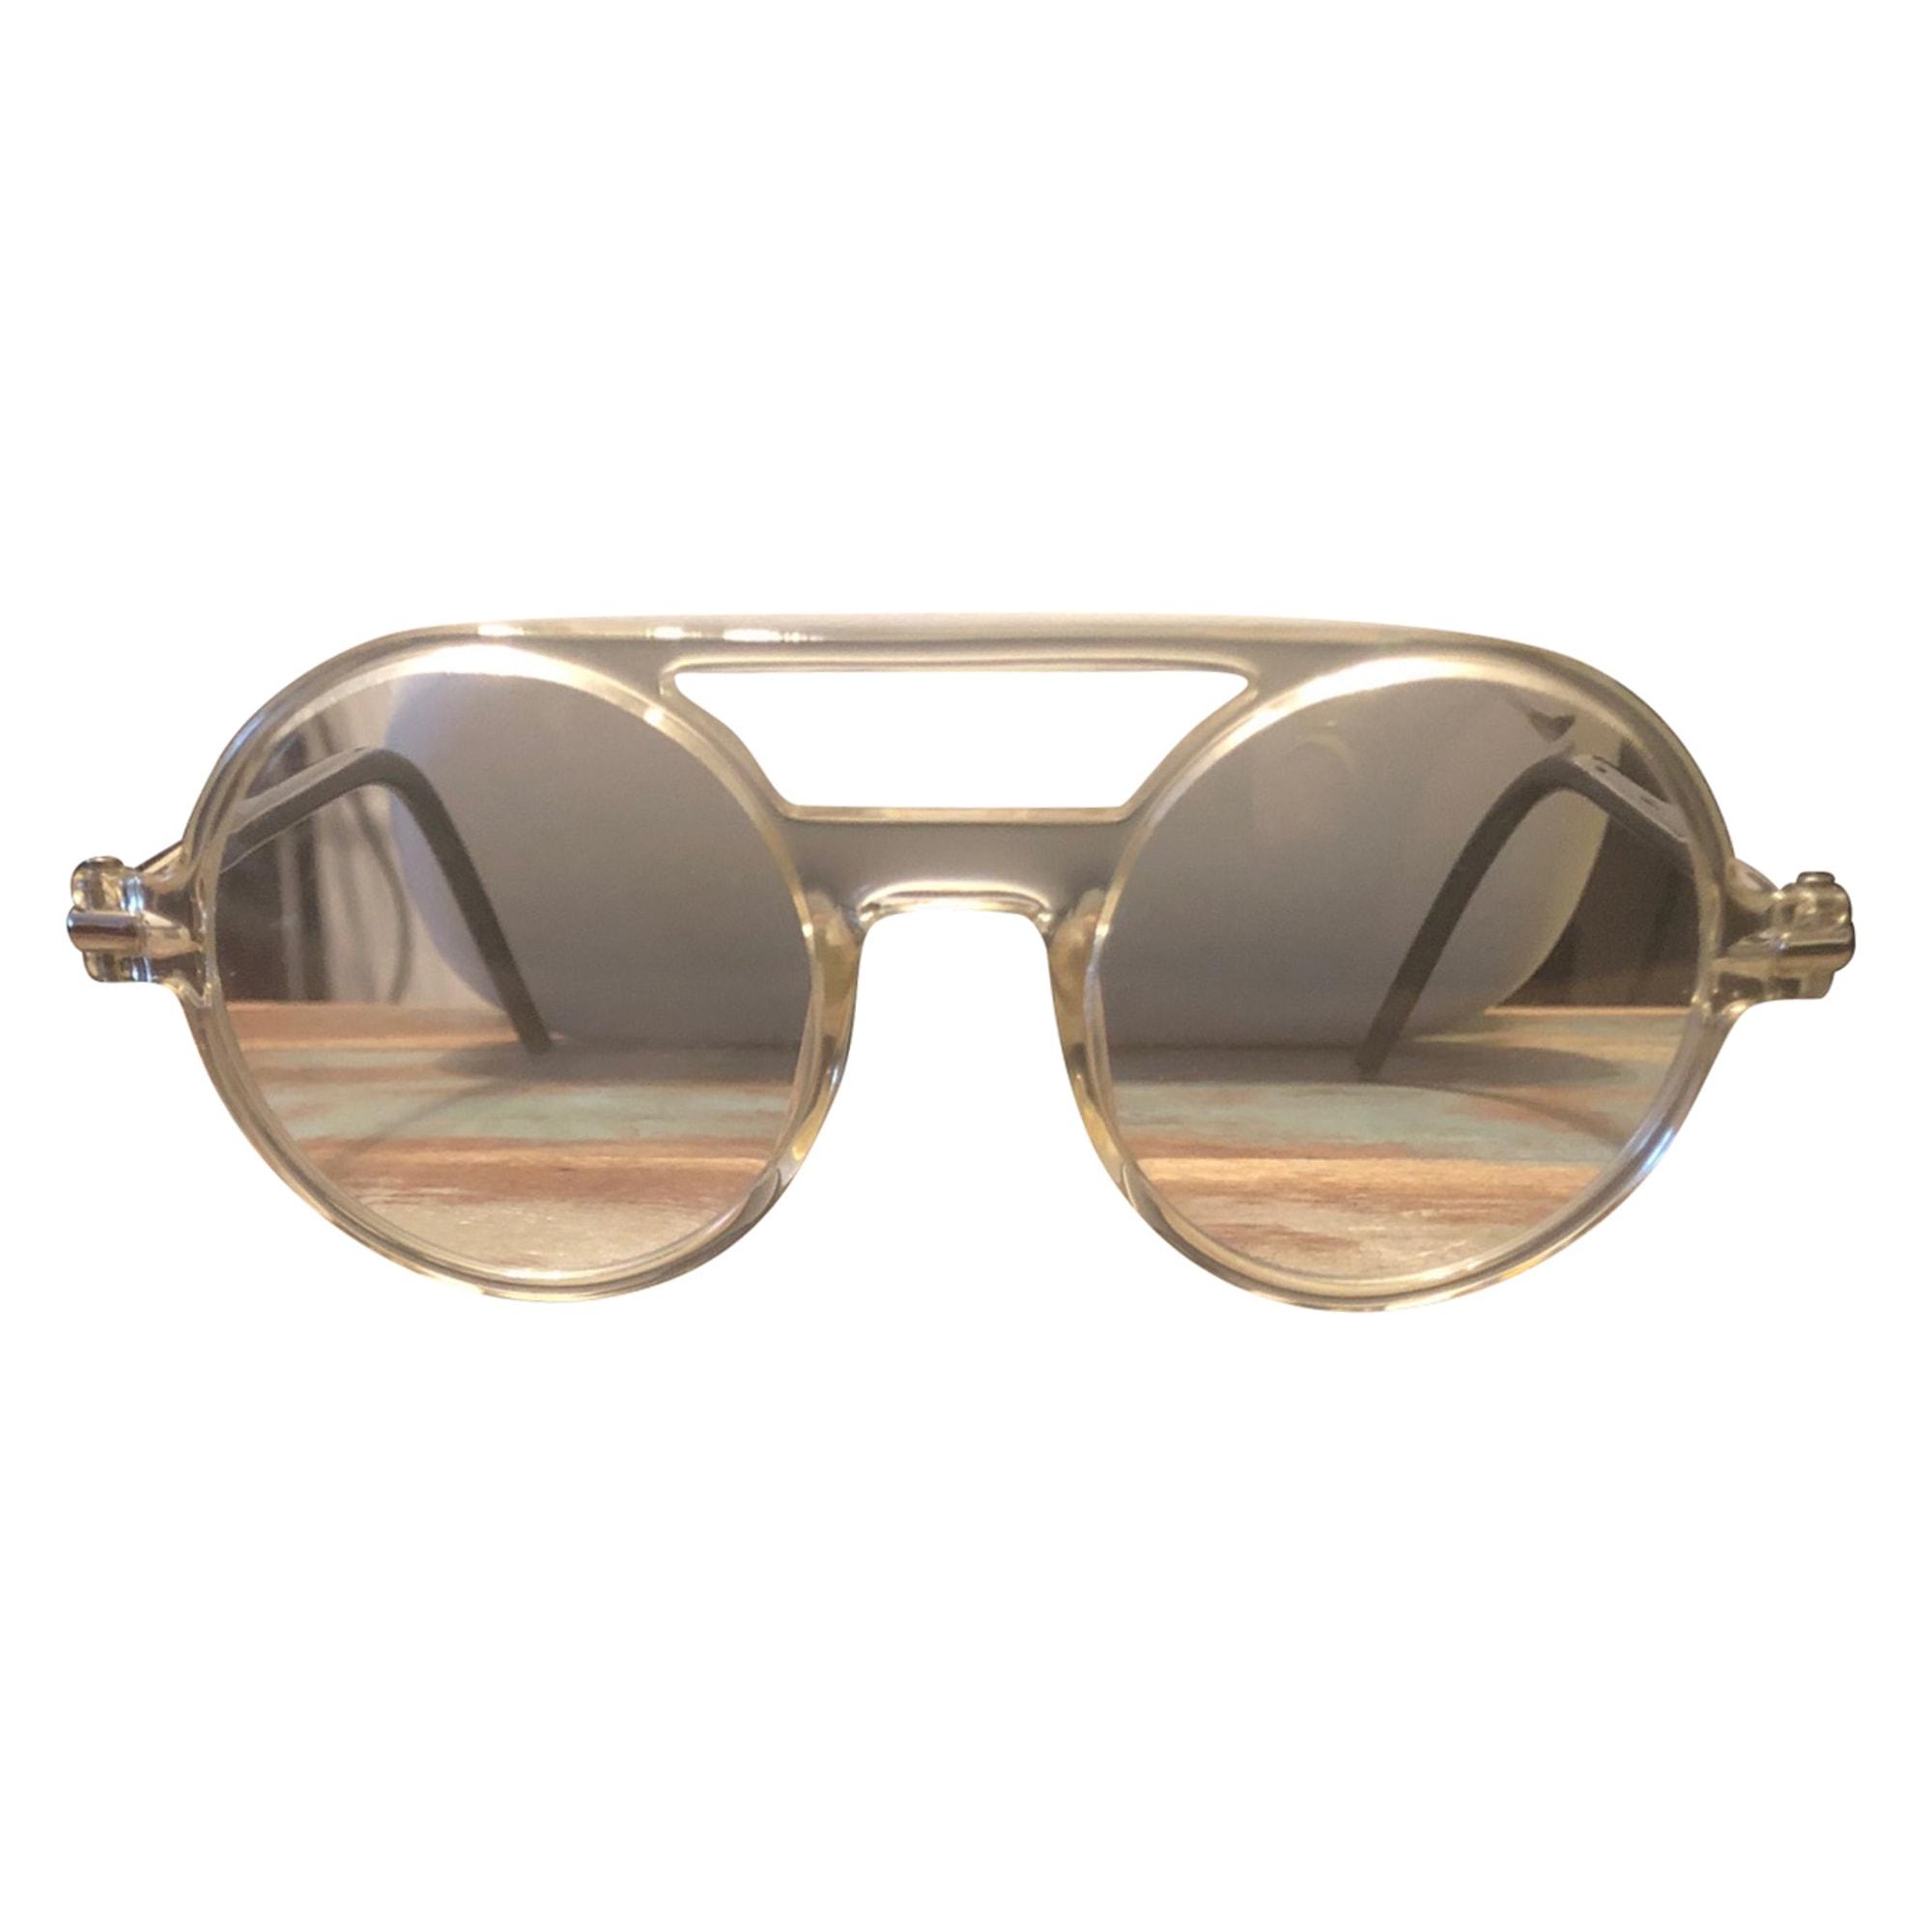 Eyeglass Frames MARC JACOBS Transparant